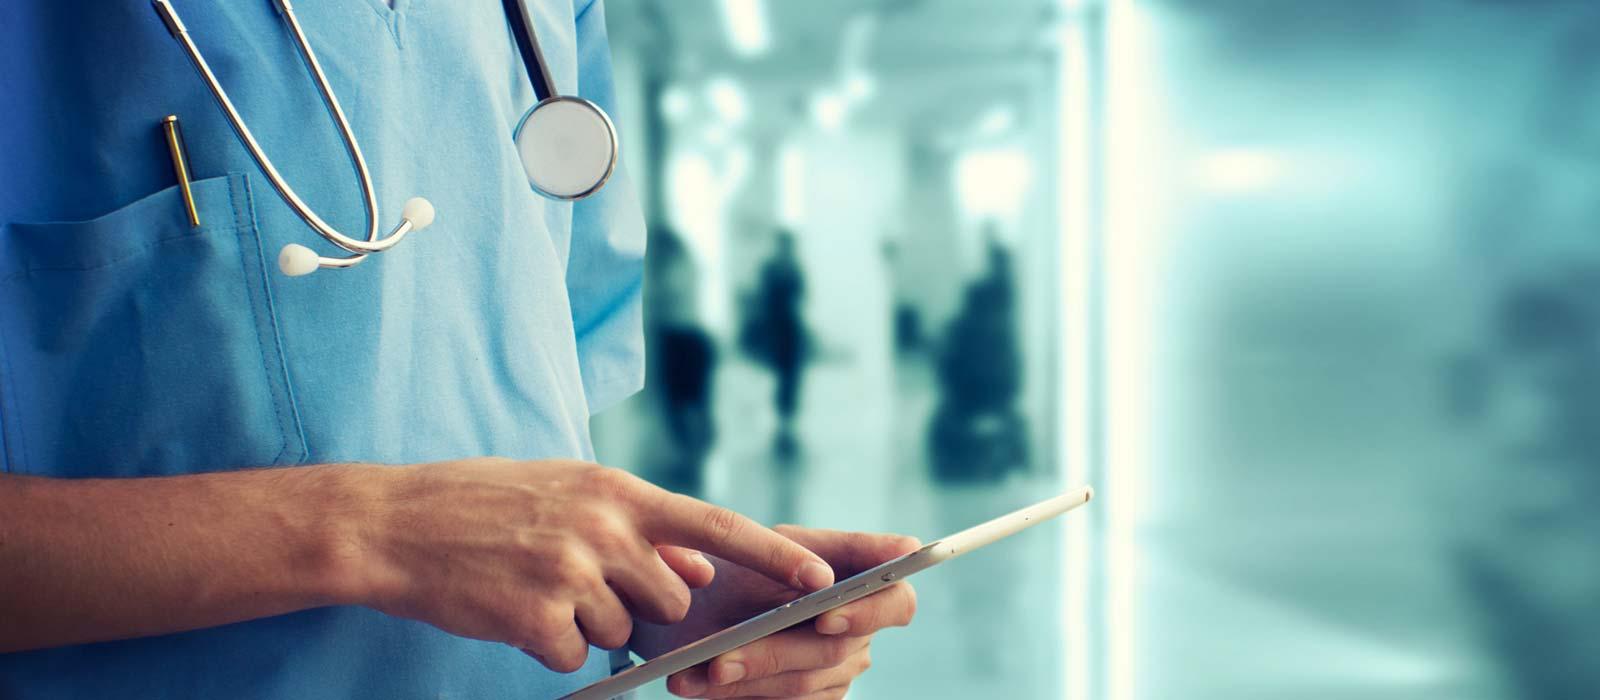 ヘルスケアのAIアプリケーション